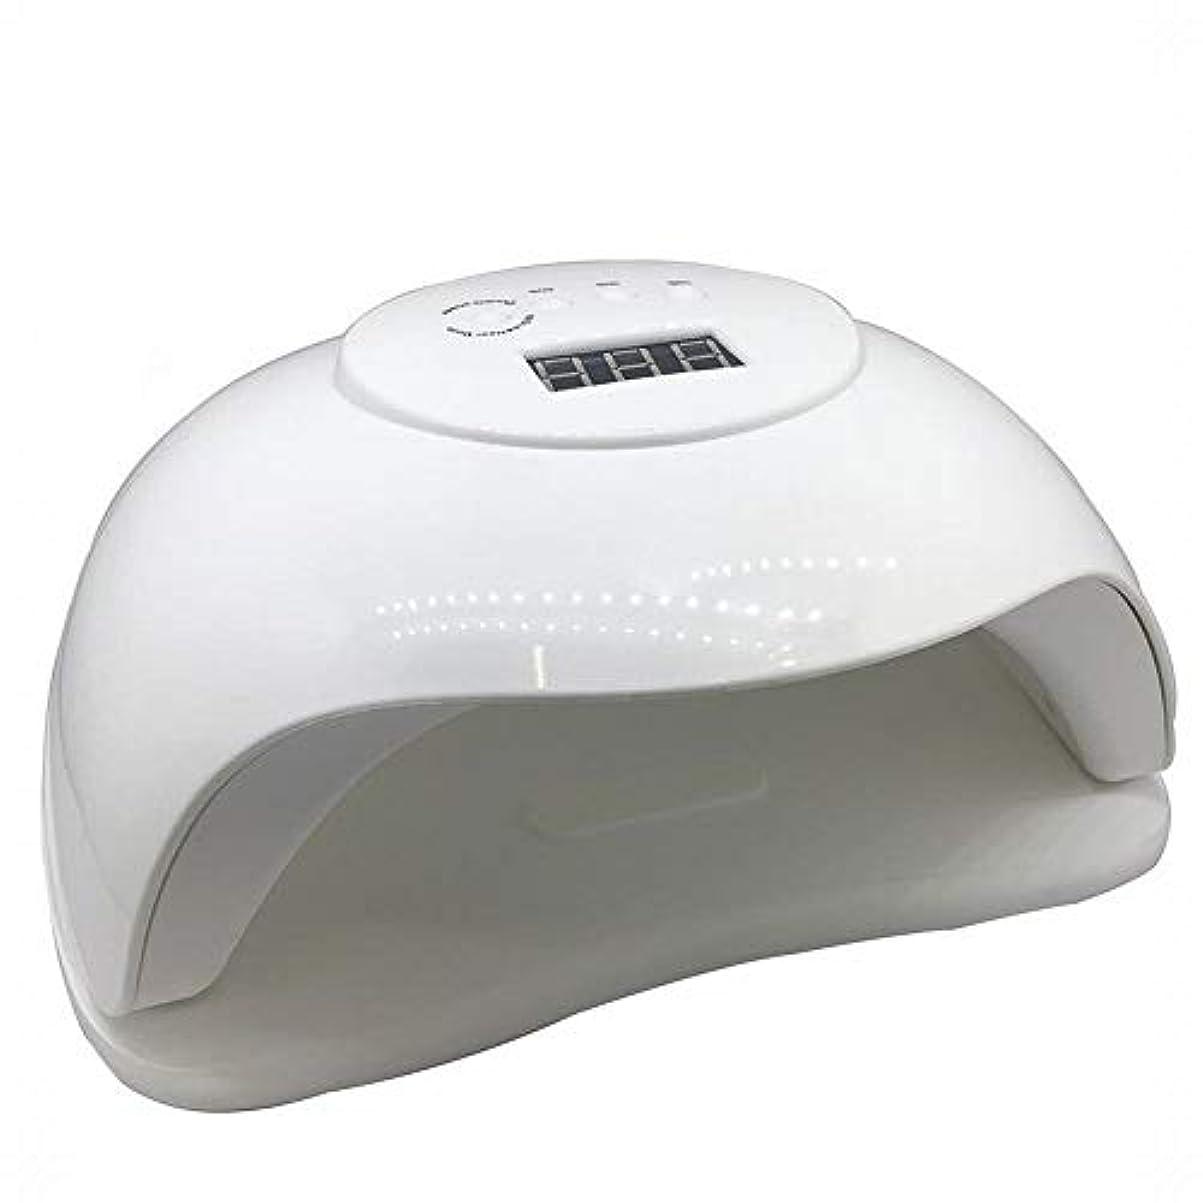 梨心理的に堂々たるYESONEEP ネイルランプ72ワットネイル機10 S光線療法ランプ充電ネイル光線療法機ledネイルツールドライヤー (Size : 72W)